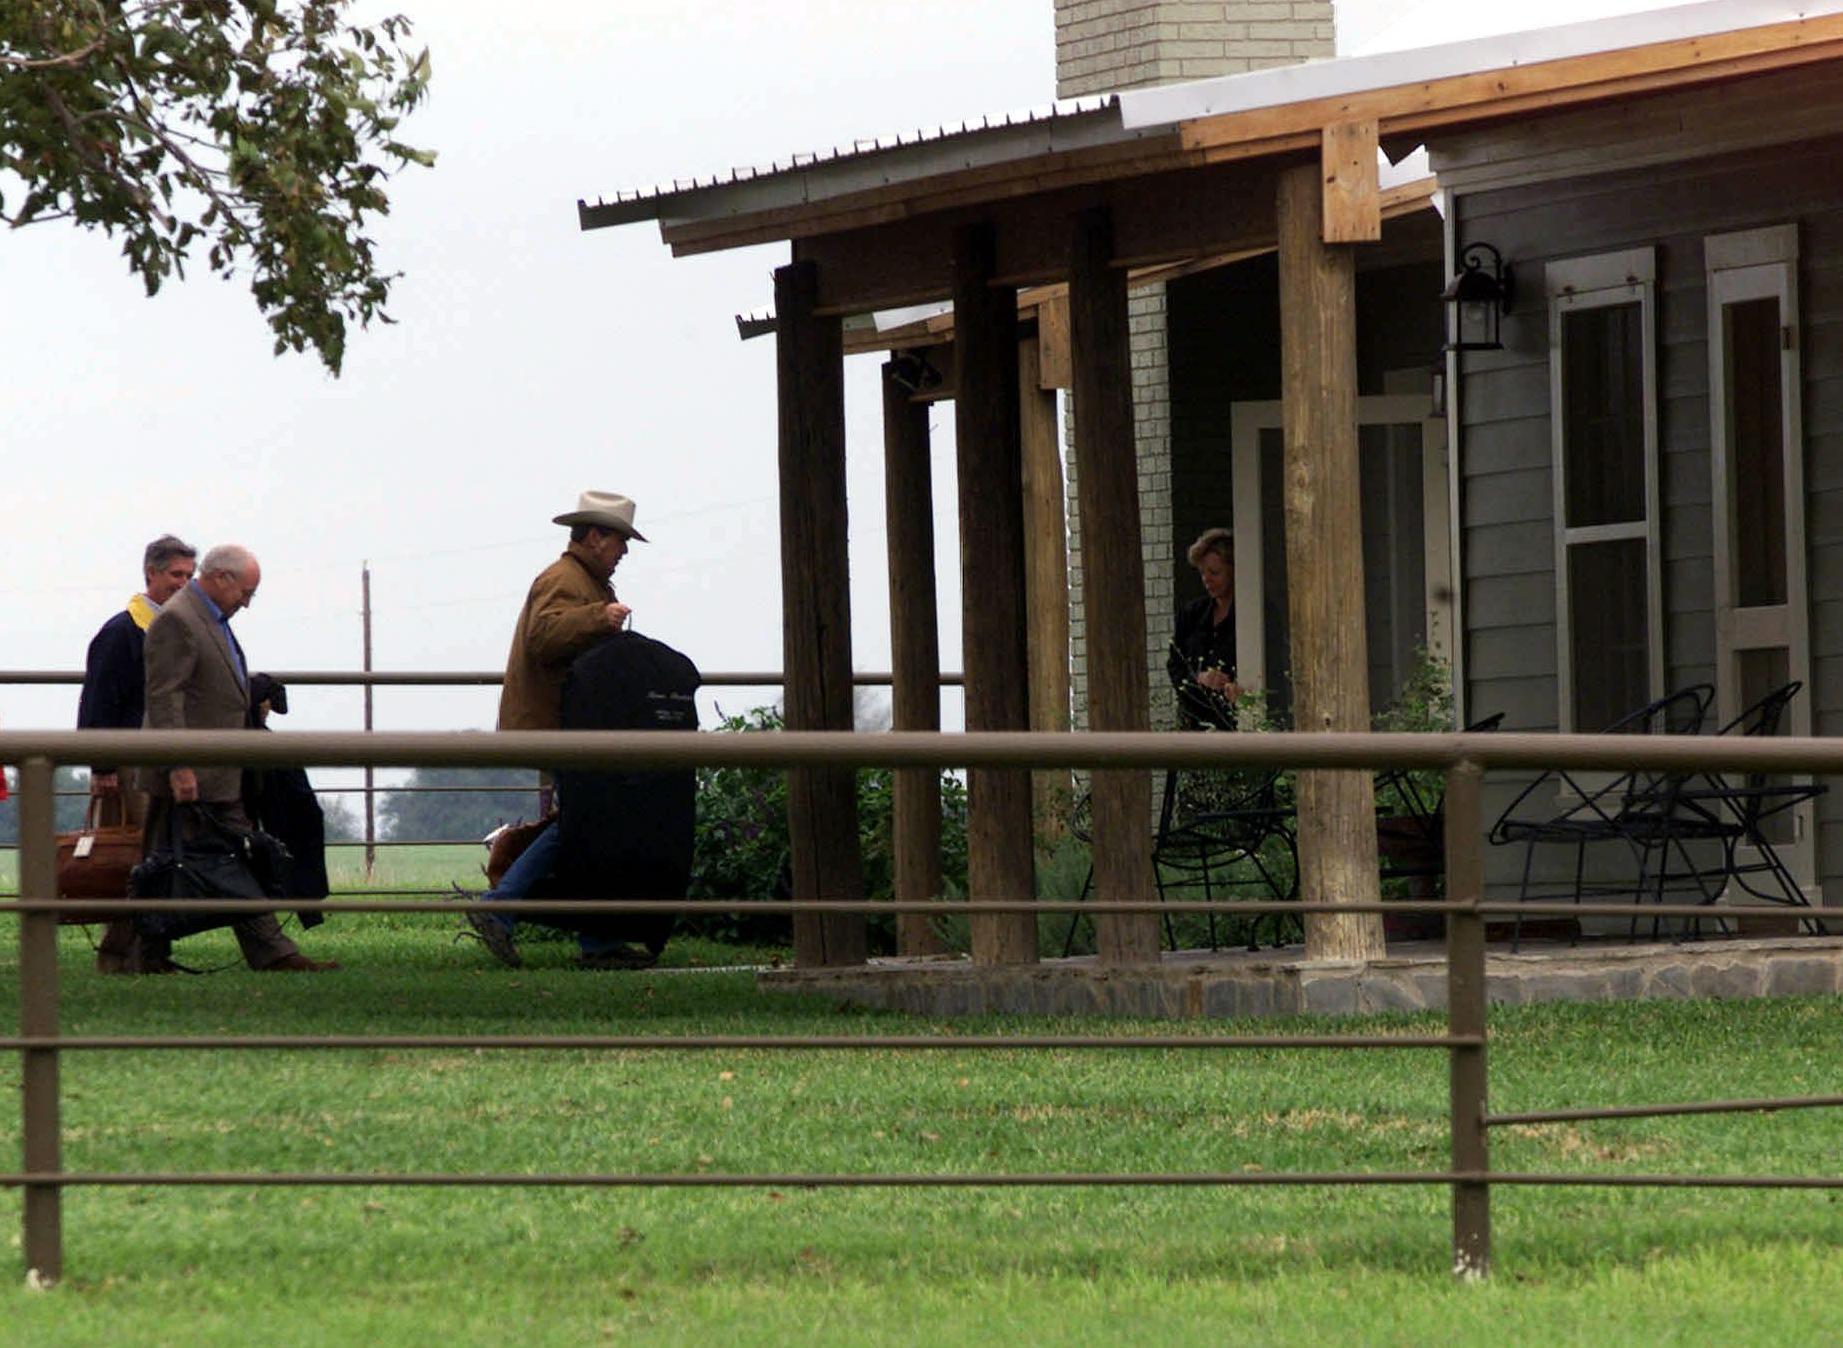 George W. Bush Crawford Texas Ranch